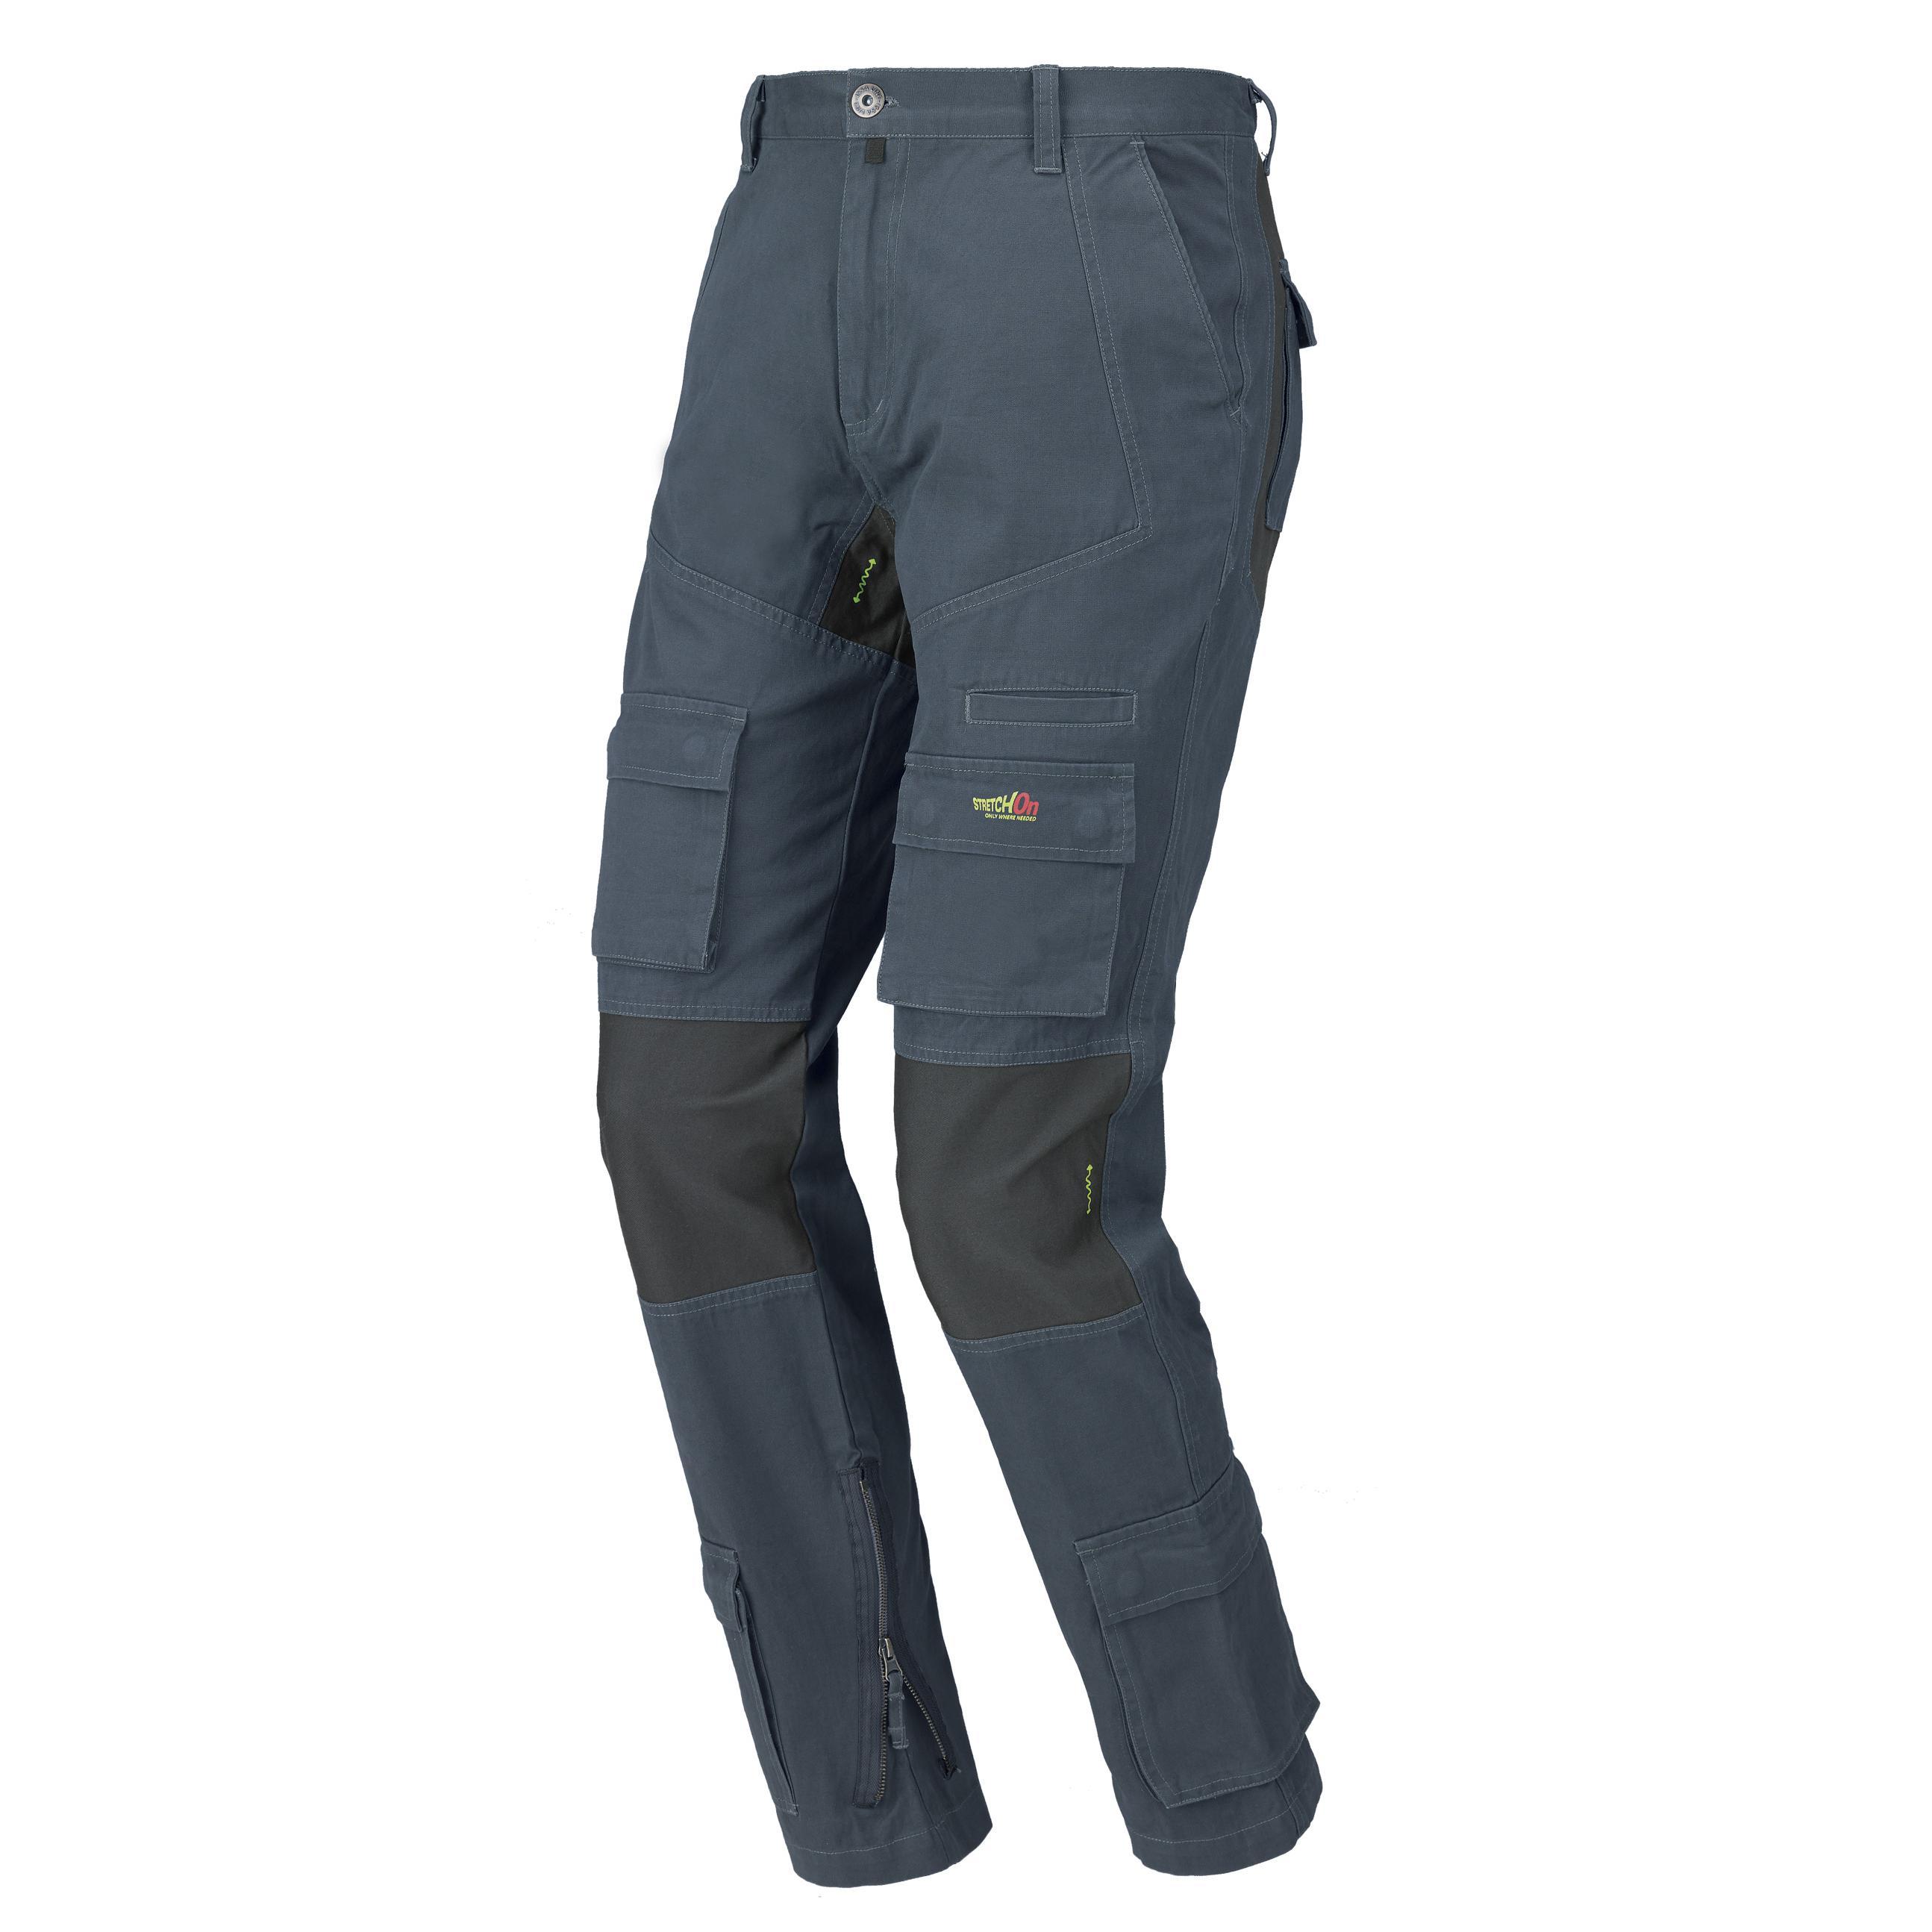 c6c40cac089b Pantaloni da lavoro: Il comfort nel lavoro conviene - Best Safety